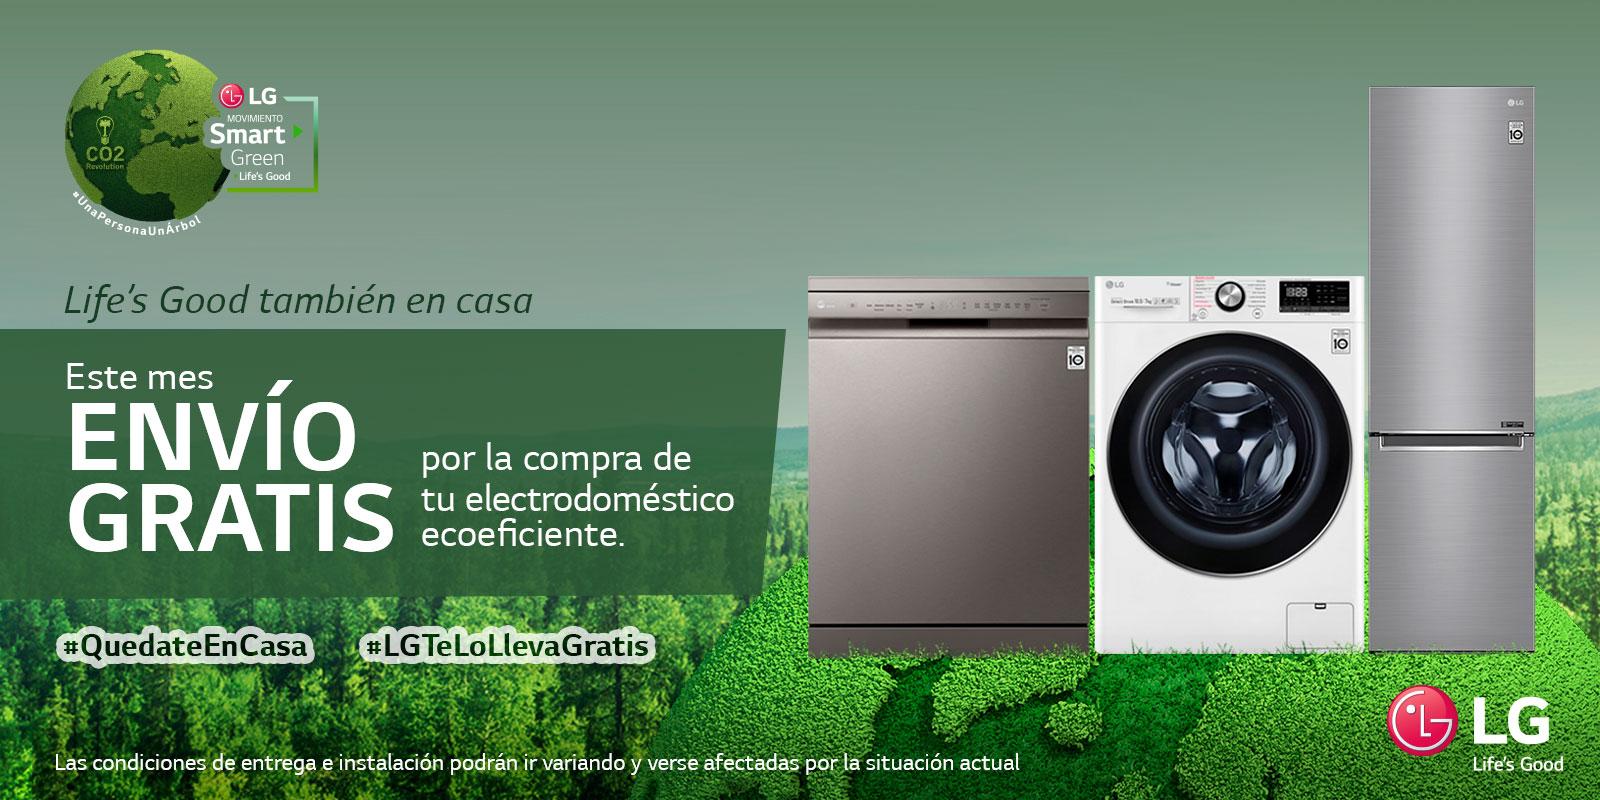 Electr 243 Nica De Consumo Innovaci 243 N Y Tecnolog 237 A Lg Espa 241 A